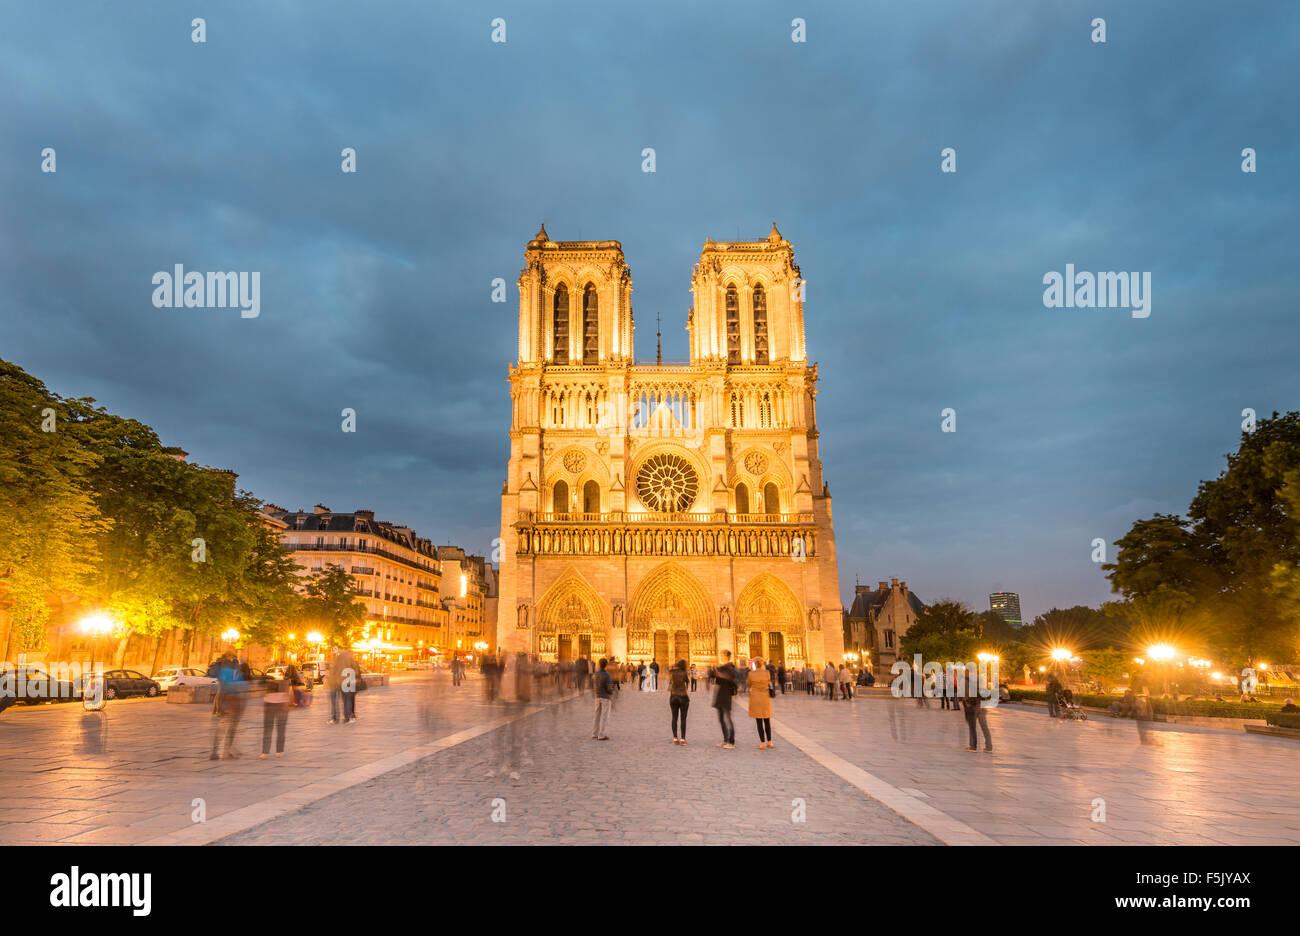 La Cathédrale Notre Dame, au crépuscule, en intérieur, façade ouest, l'Ile de la Cité, Photo Stock